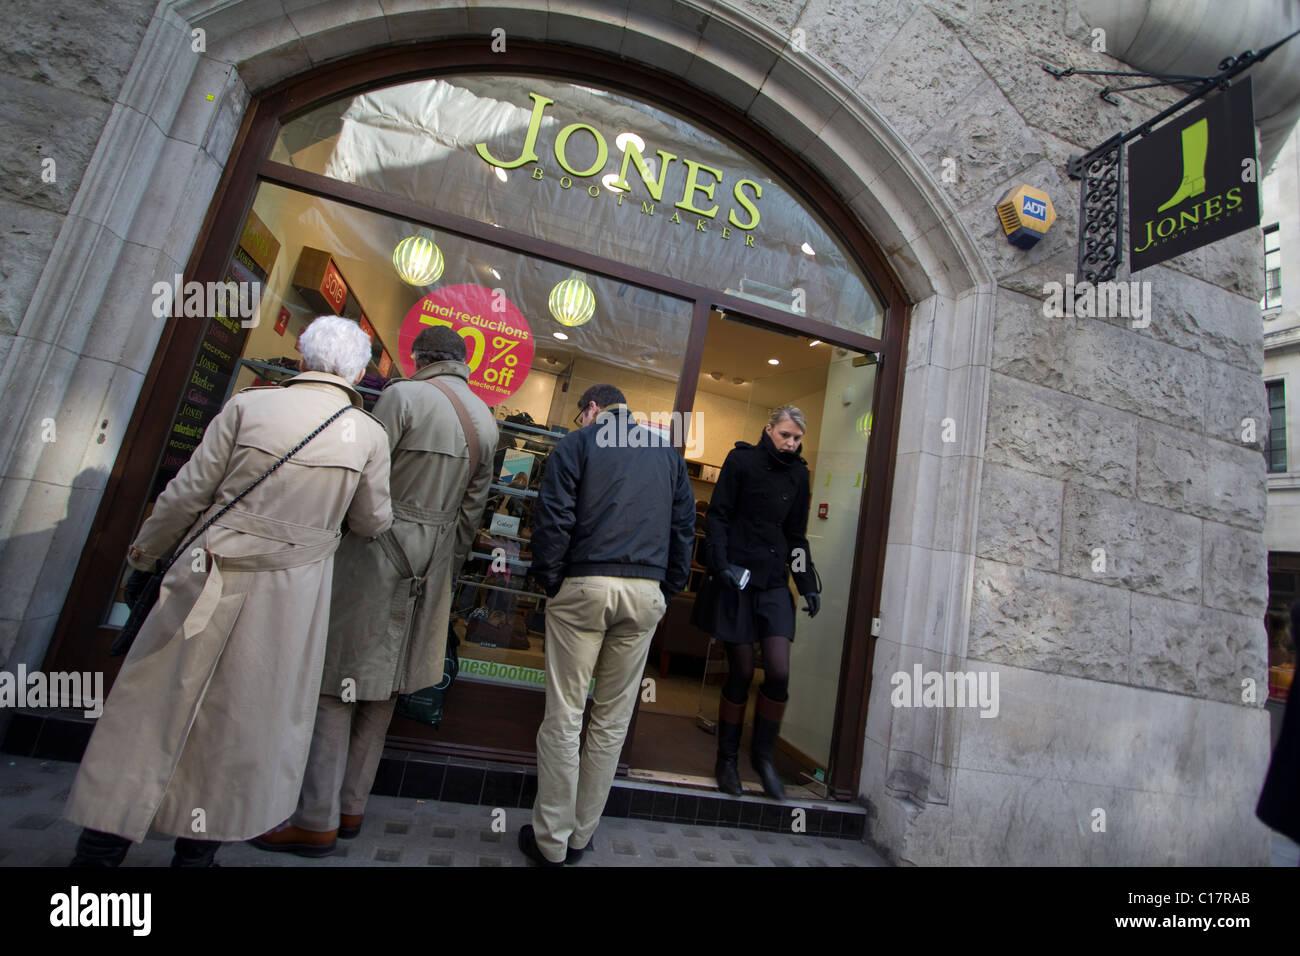 Jones le bottier détaillant de chaussures Photo Stock